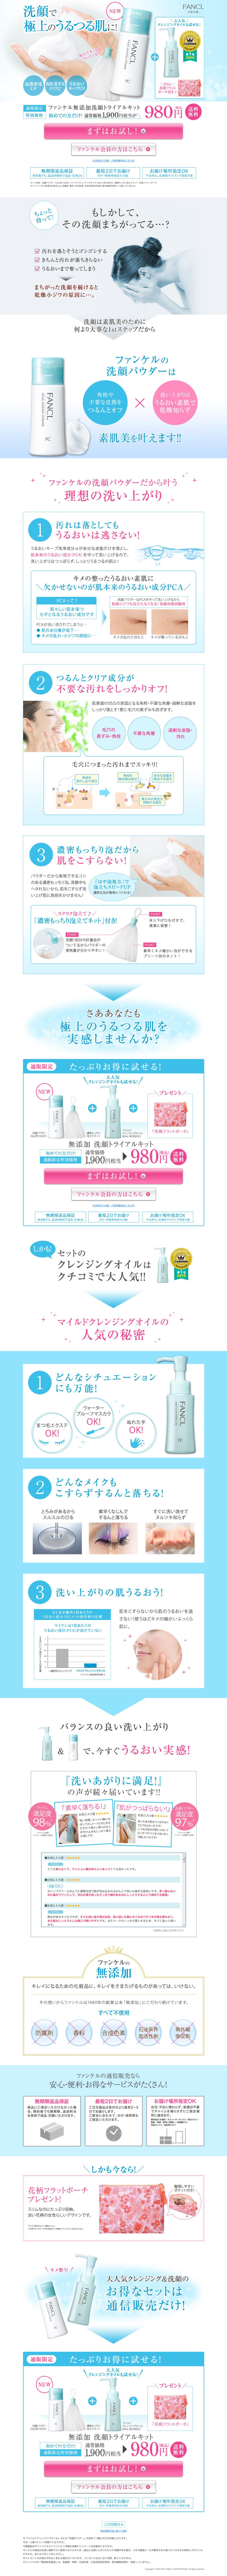 FANCL「無添加化粧品」2